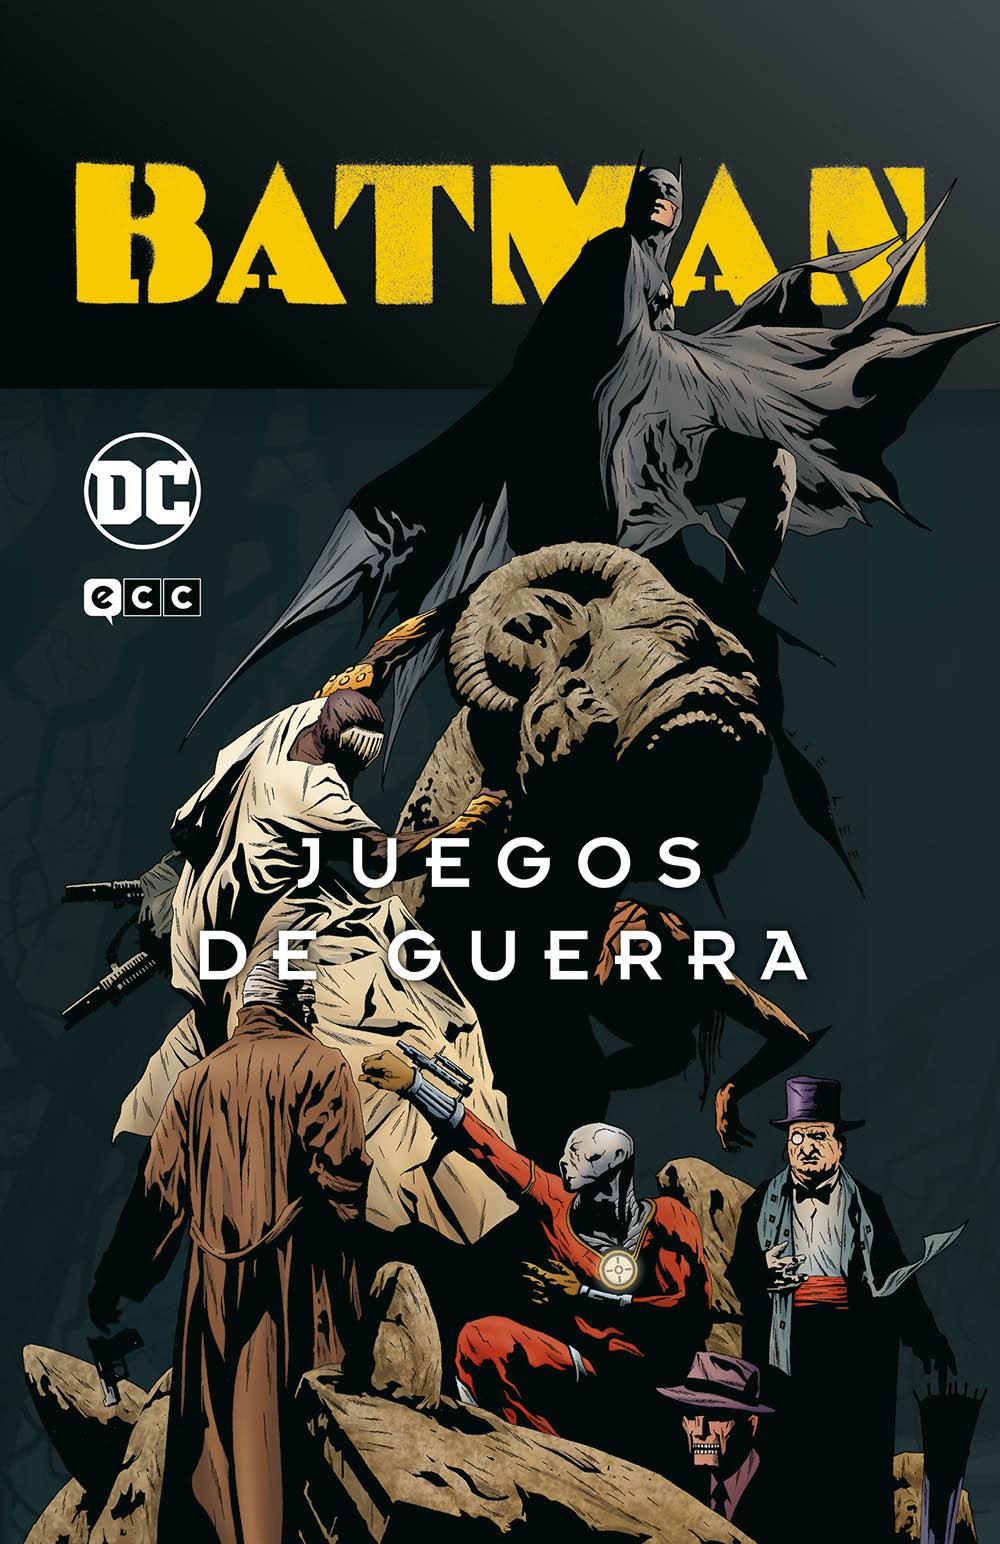 Reseña Batman: Juegos de Guerra